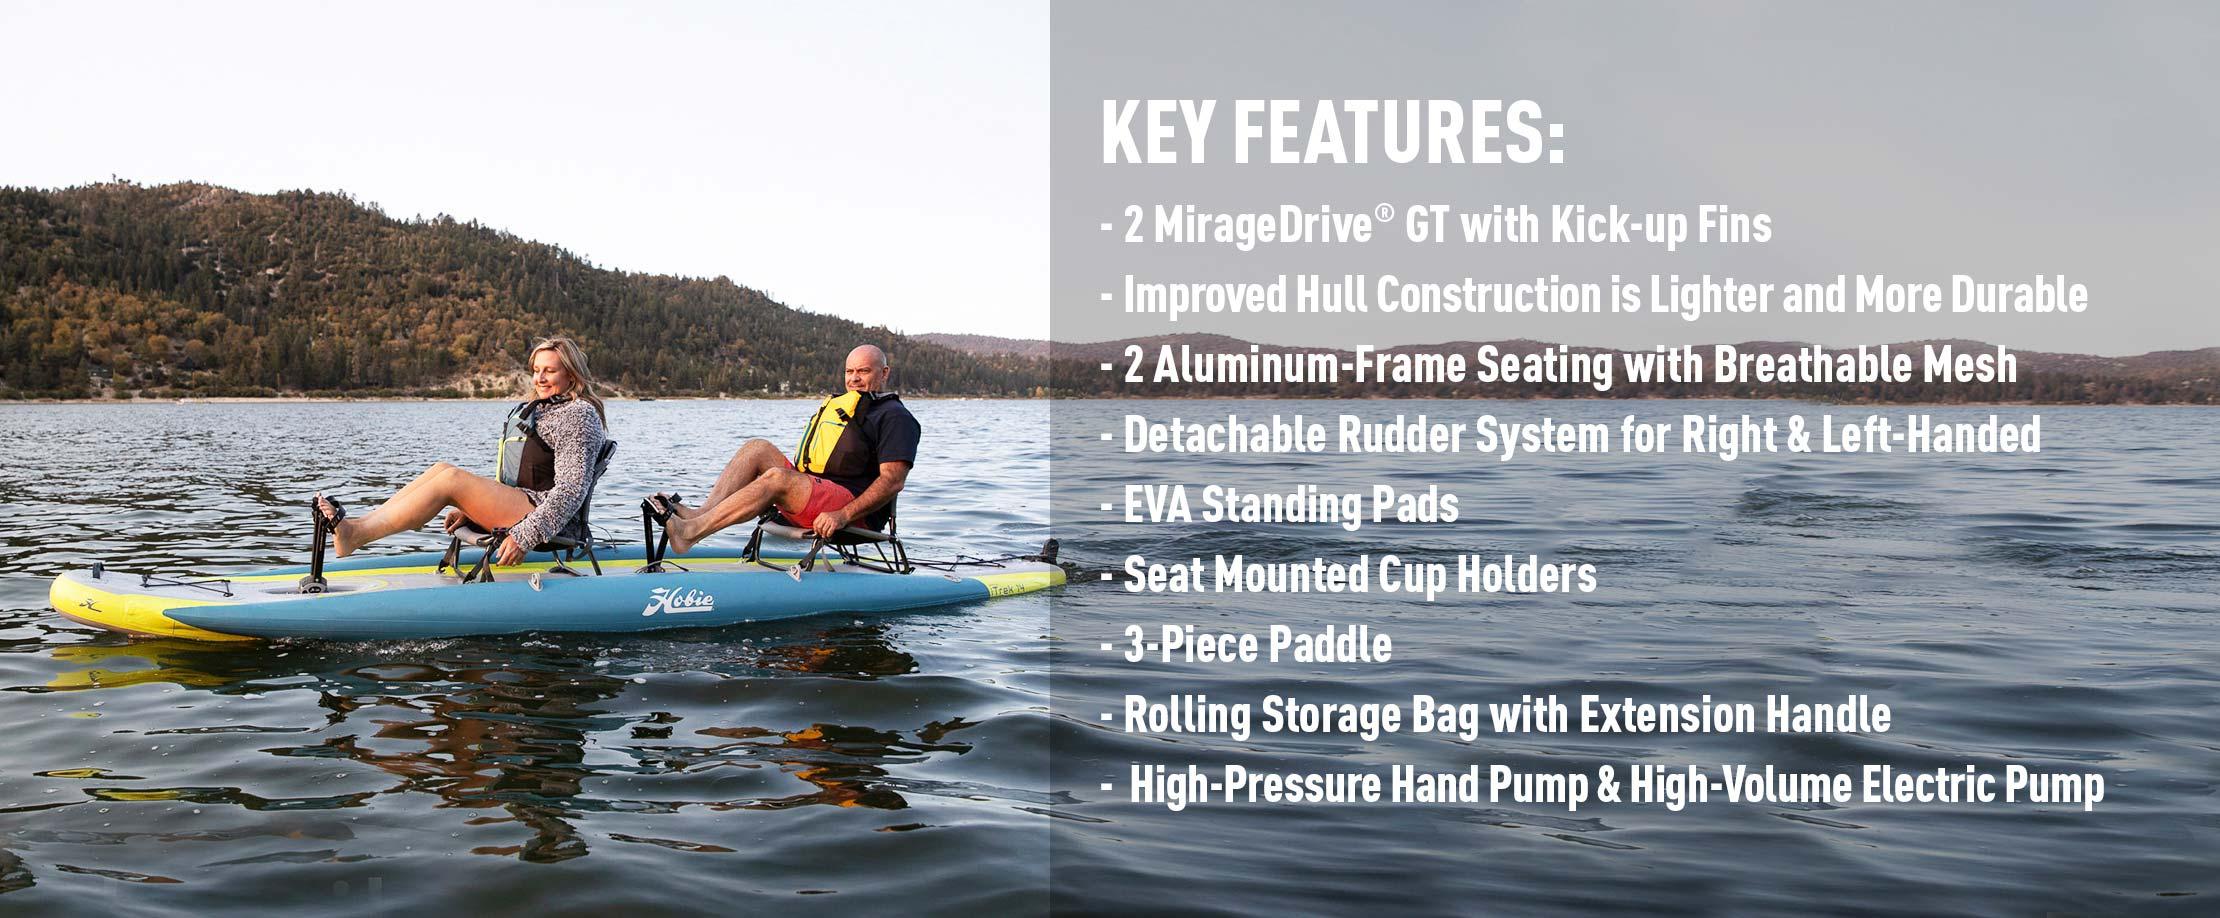 Mirage iTrek 14 Duo Features